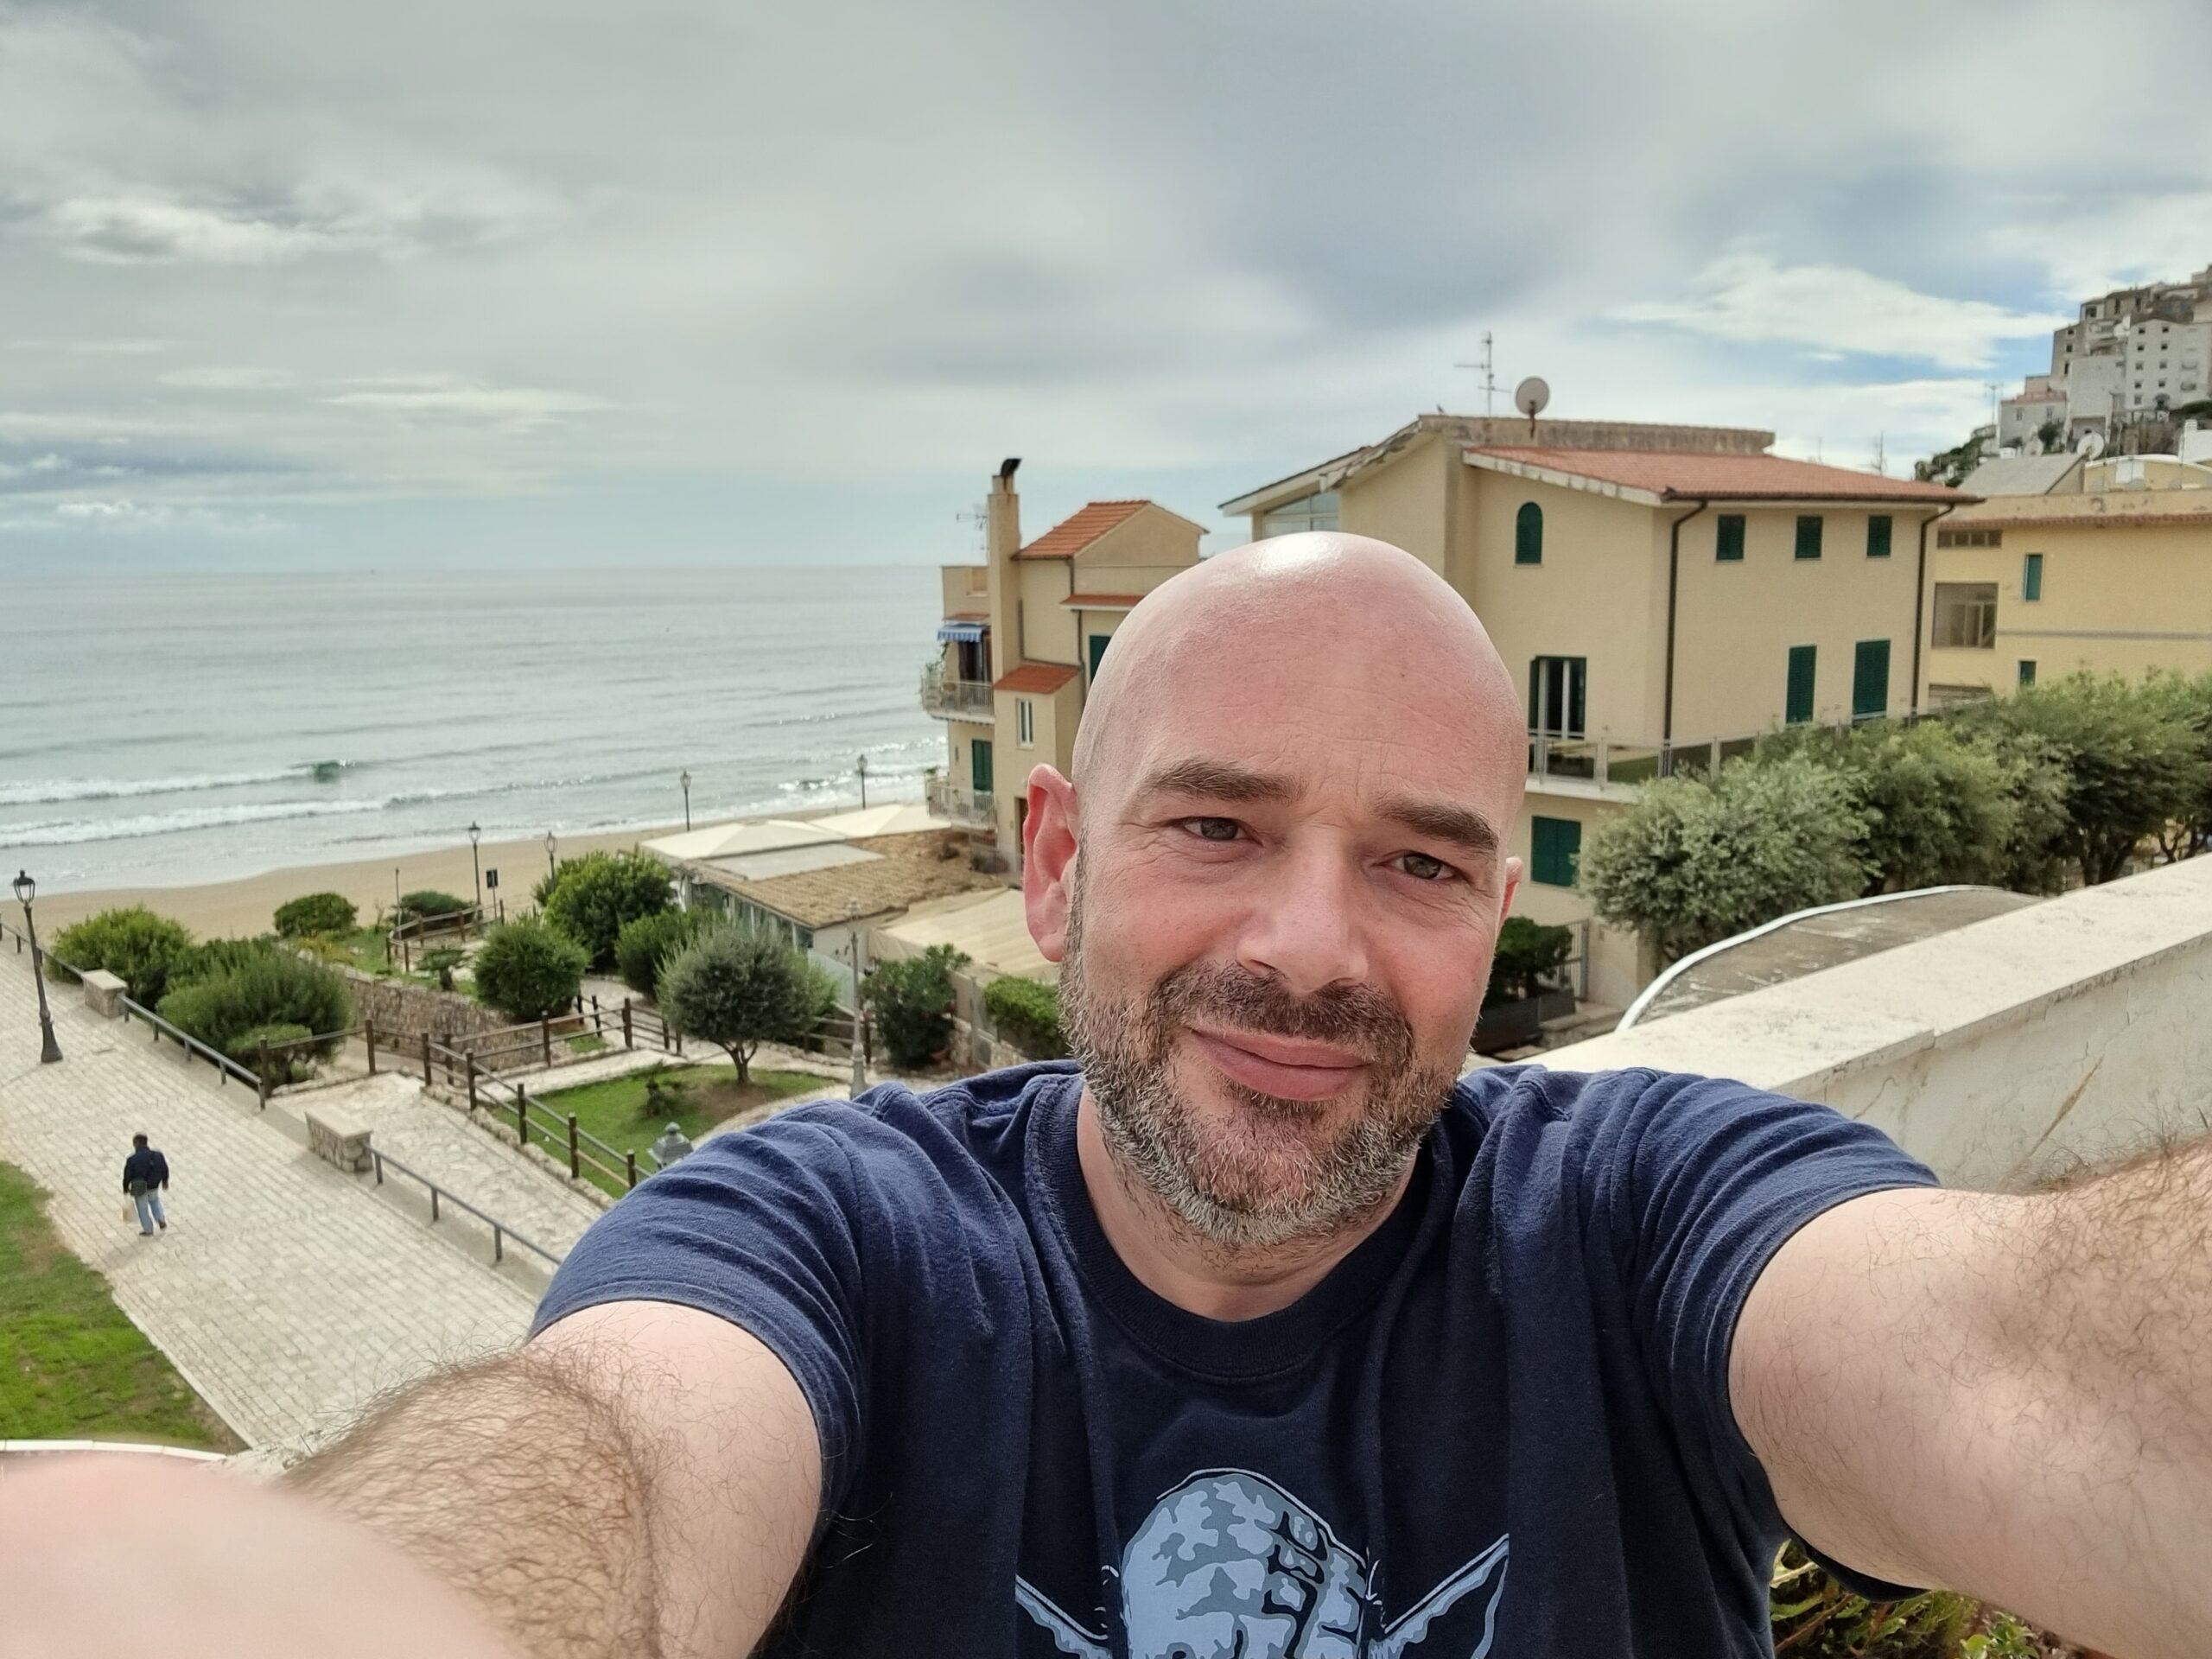 Storie in social VR: Fabrizio Di Lelio